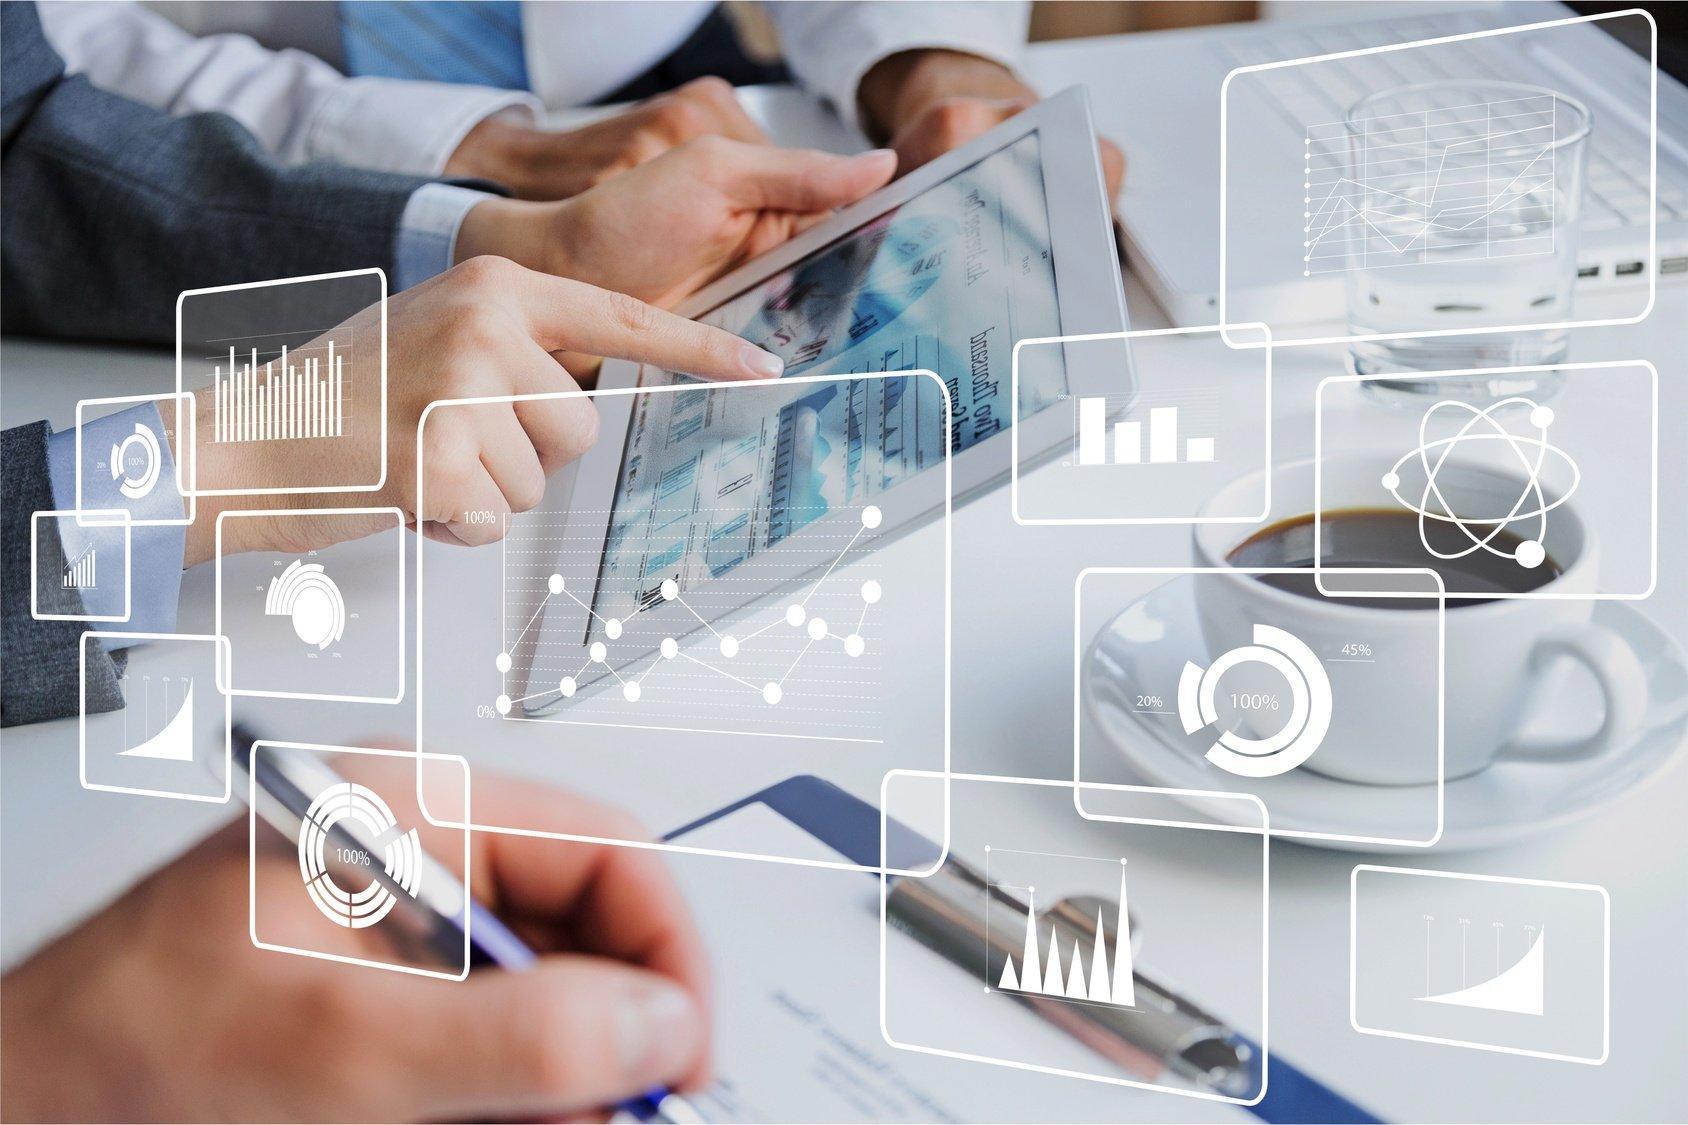 Der Einsatz von SAP Field Service Management fördert die Kundenzufriedenheit.